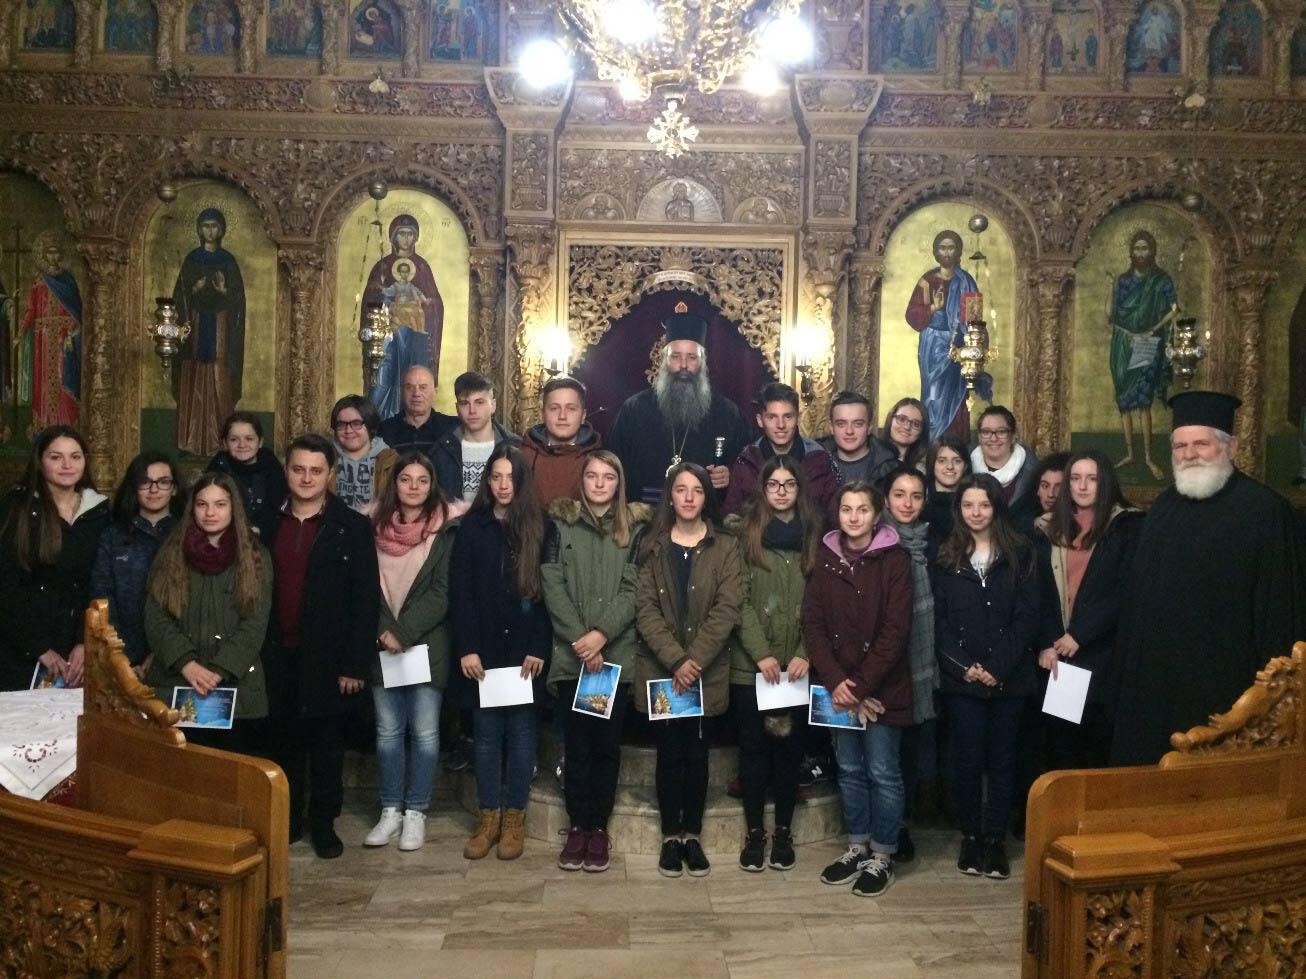 Χριστουγεννιάτικες Συνάξεις Νέων Στην Ιερά Μητρόπολη Κίτρους